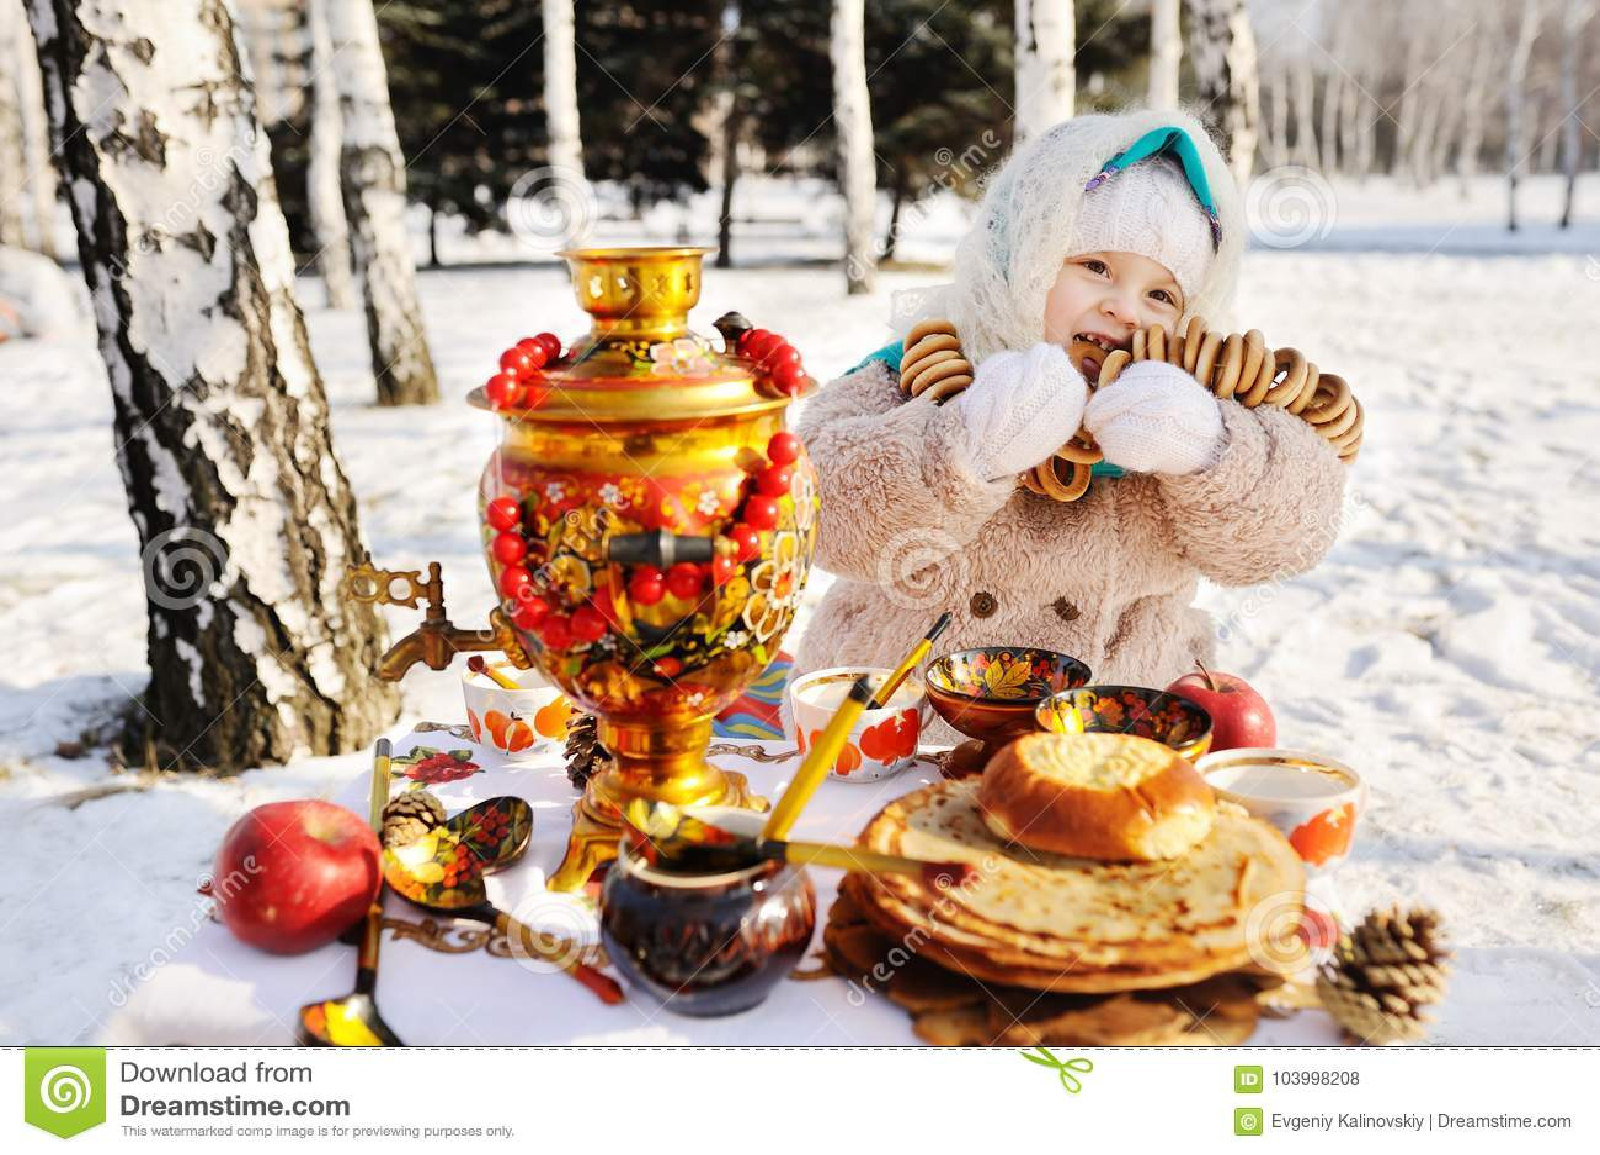 Ребёнок в пальто и головной платок в русском самоваре в ба